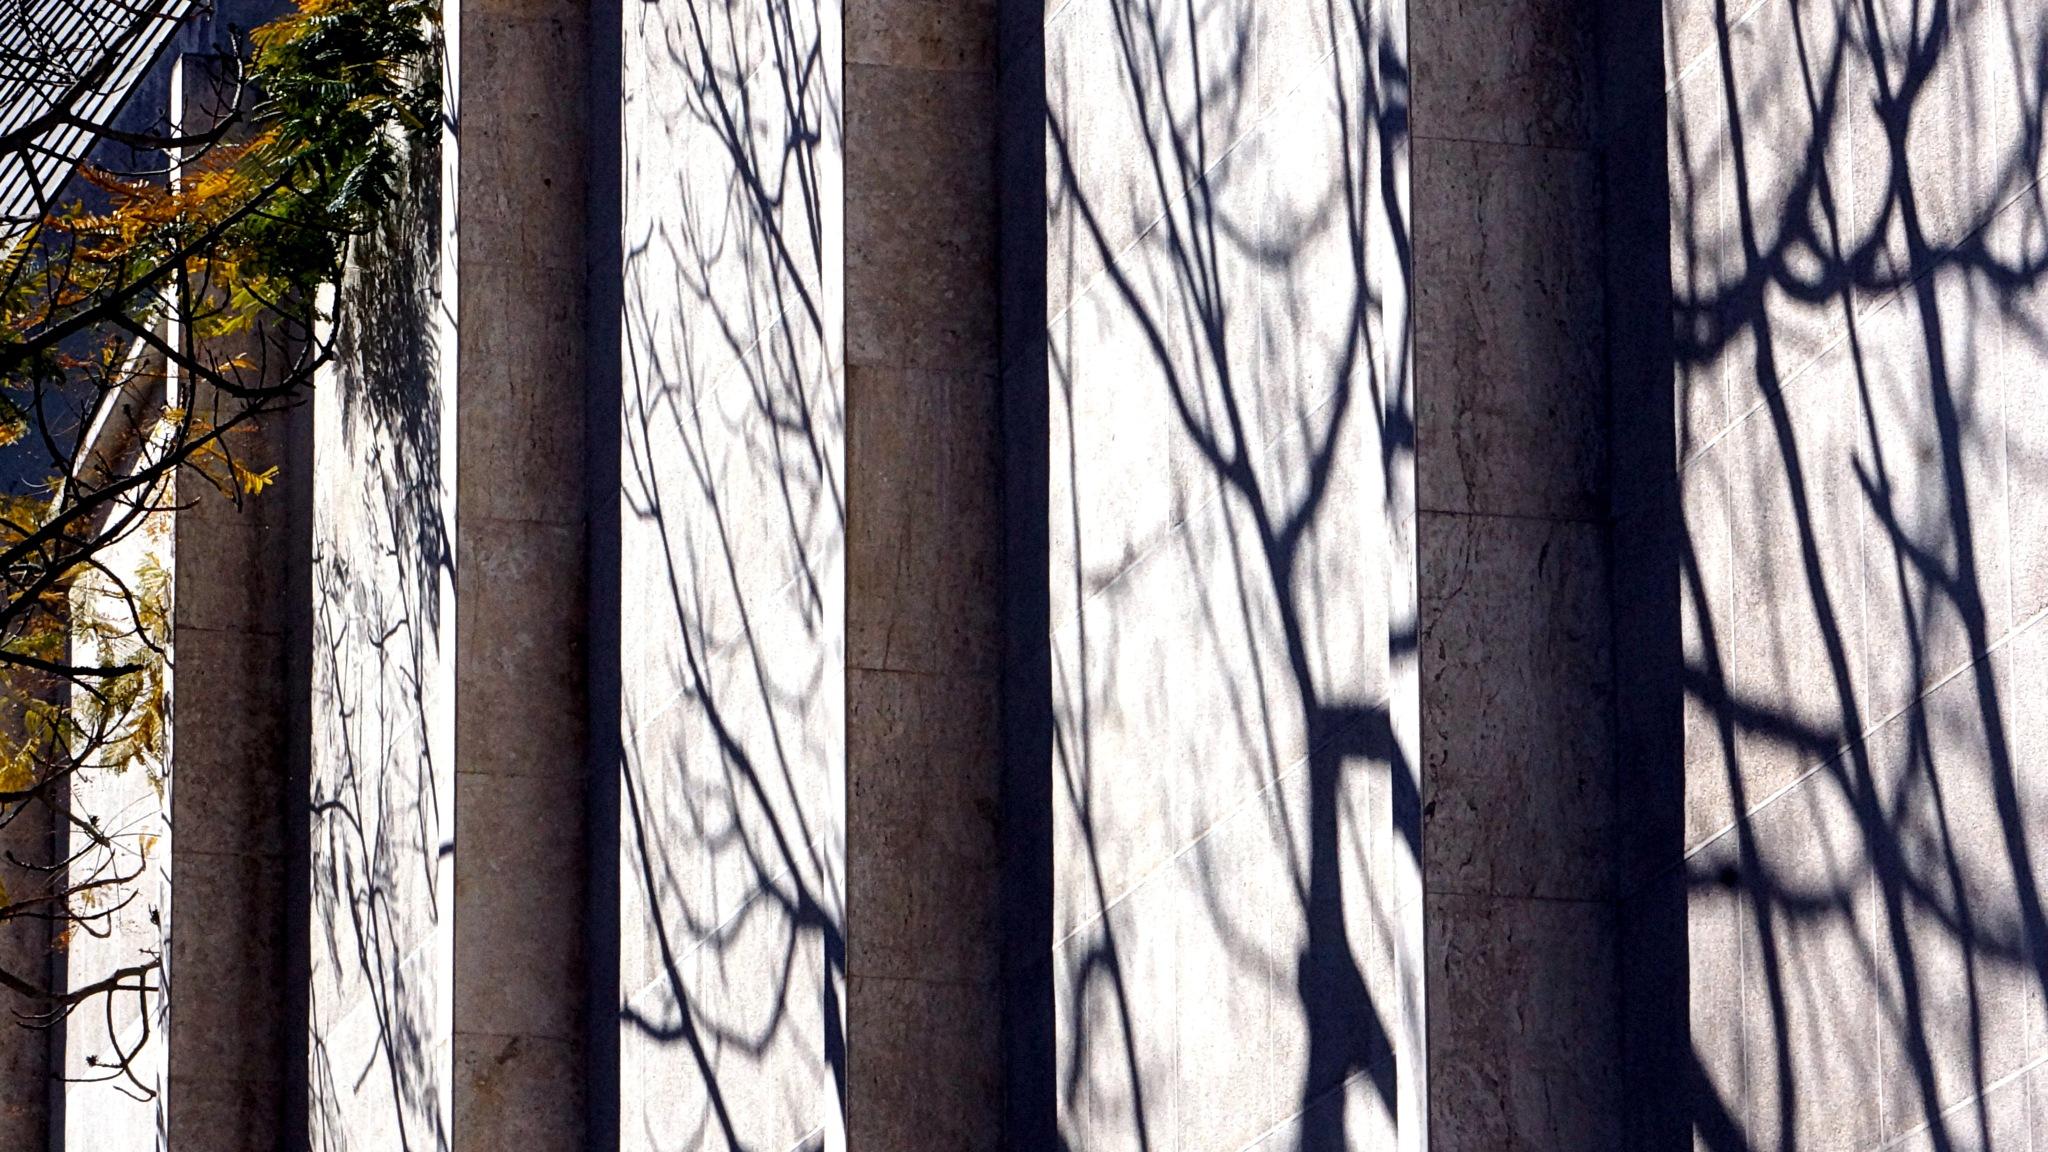 Pilares by José Evaldo Suassuna de Oliveira